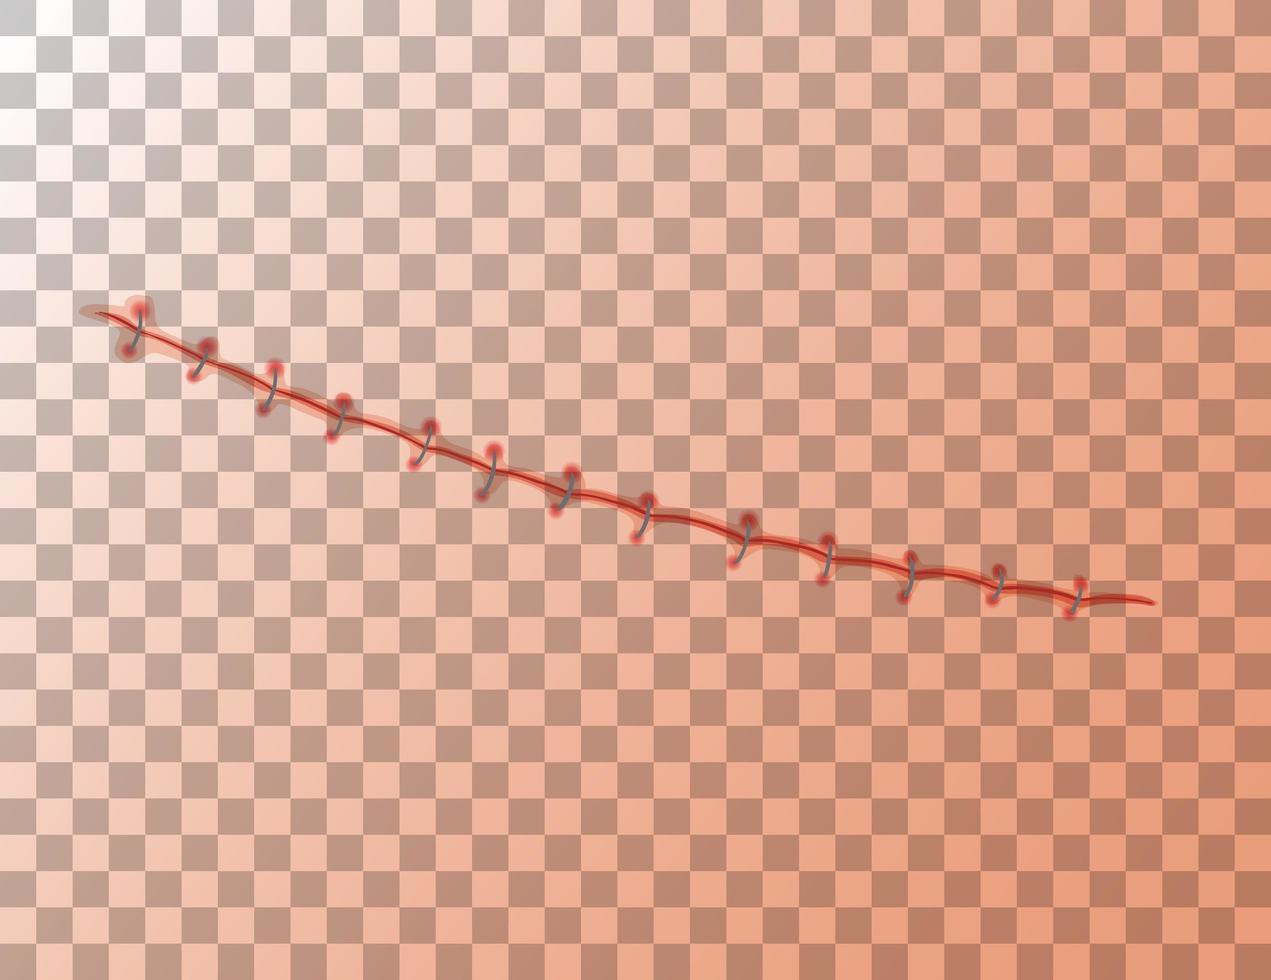 suture des plaies sur fond transparent vecteur